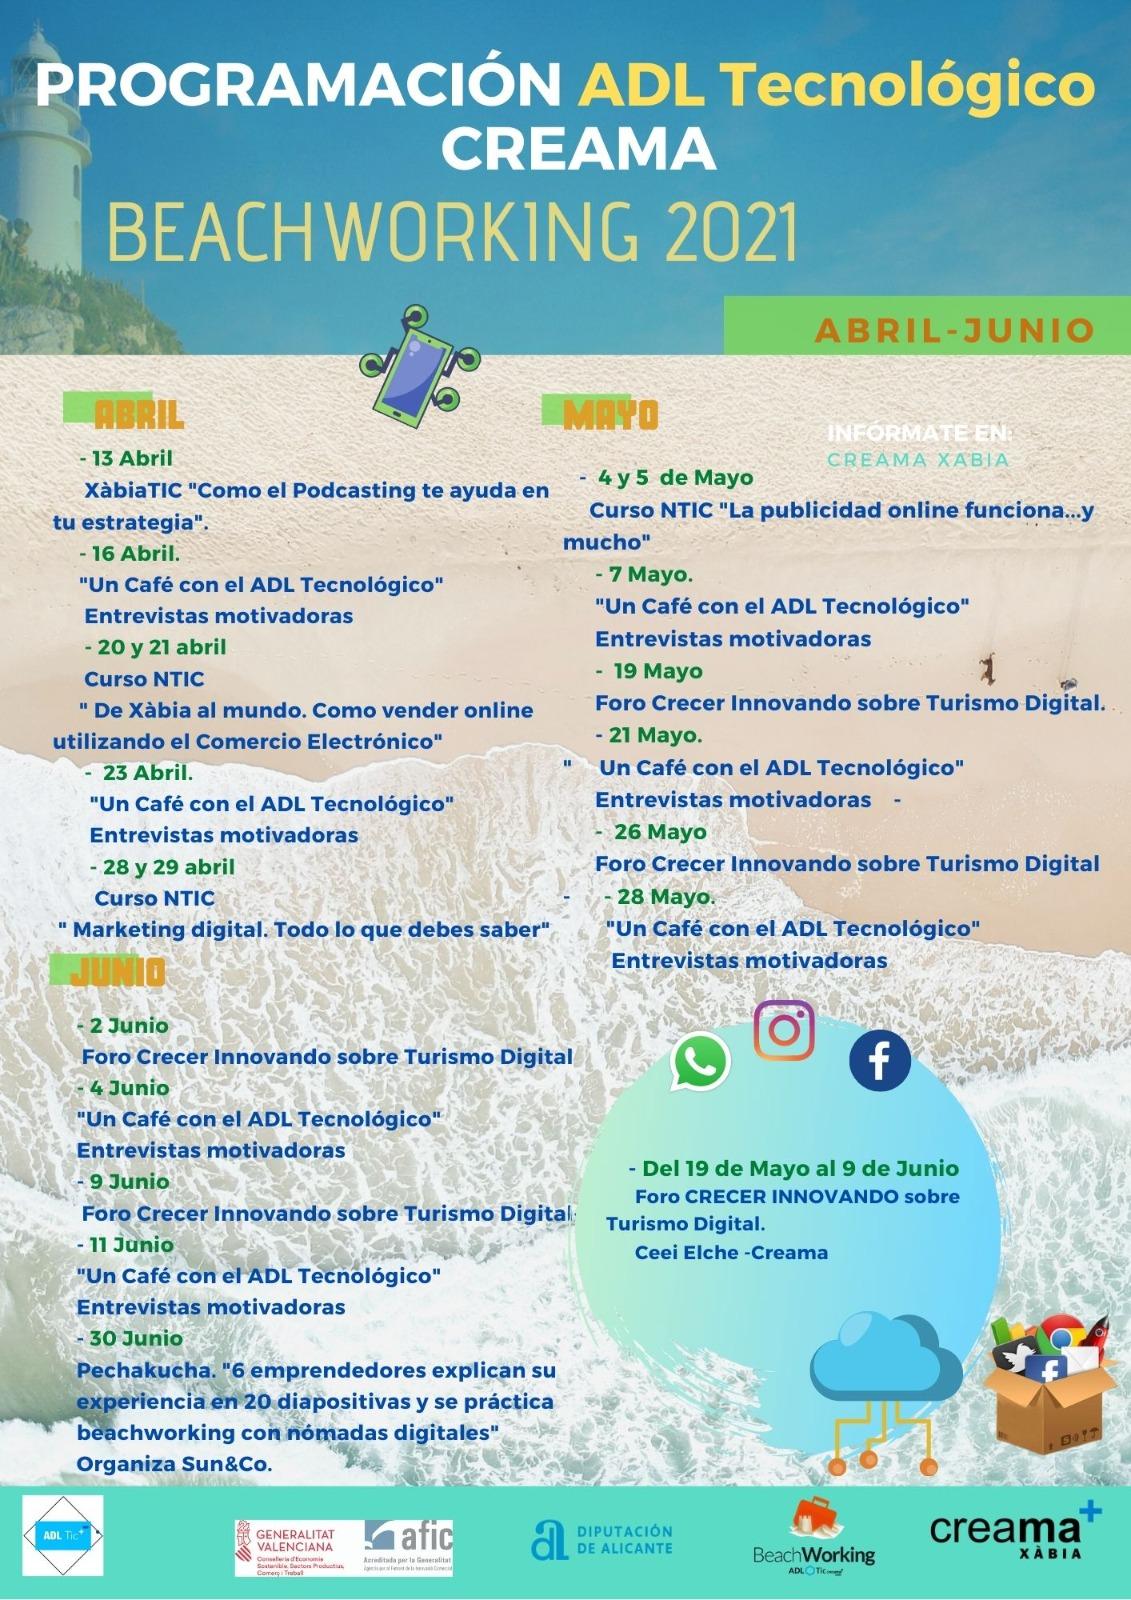 Nueva programación Beachworking – Adl Tecnológico Creama Xàbia